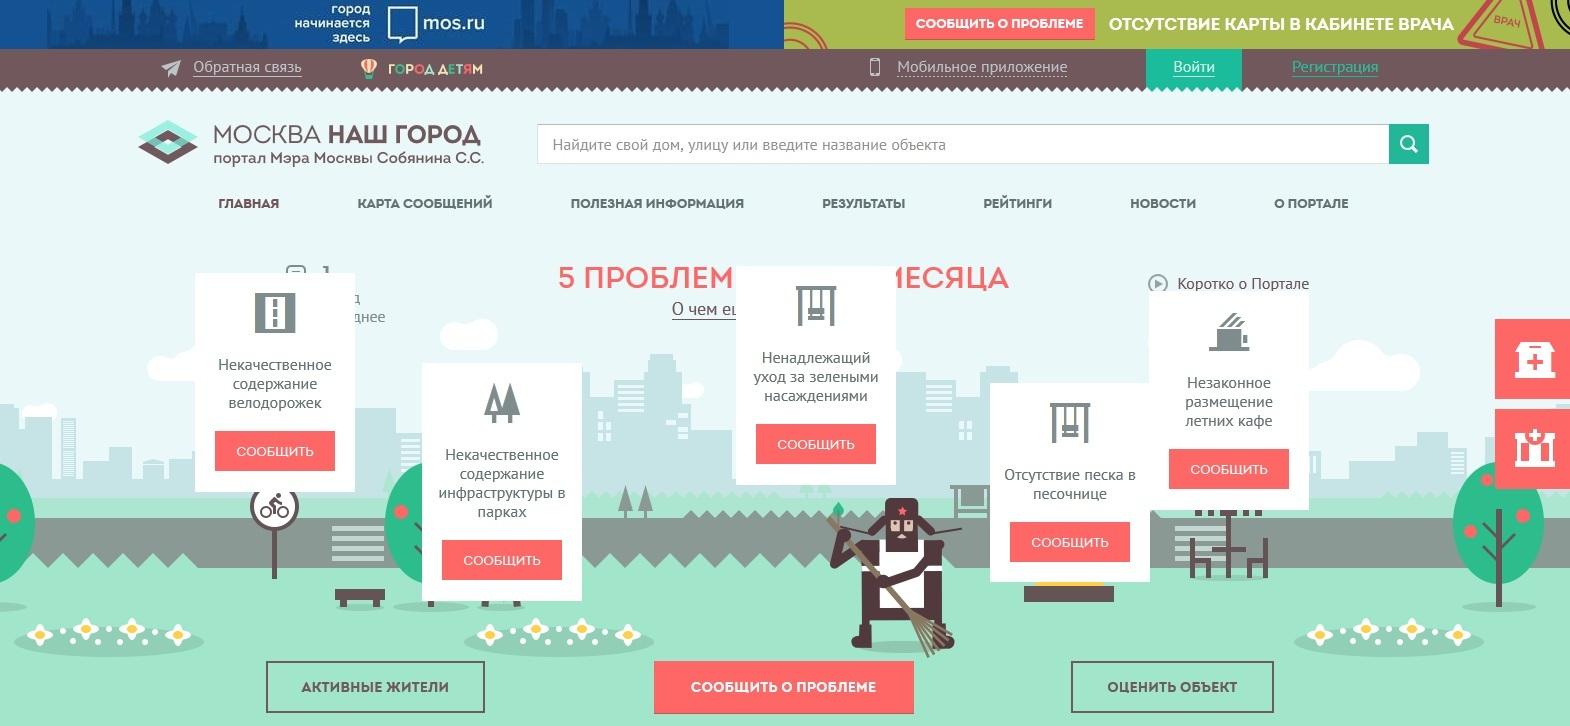 Пособие на ребёнка до 3 лет в москве